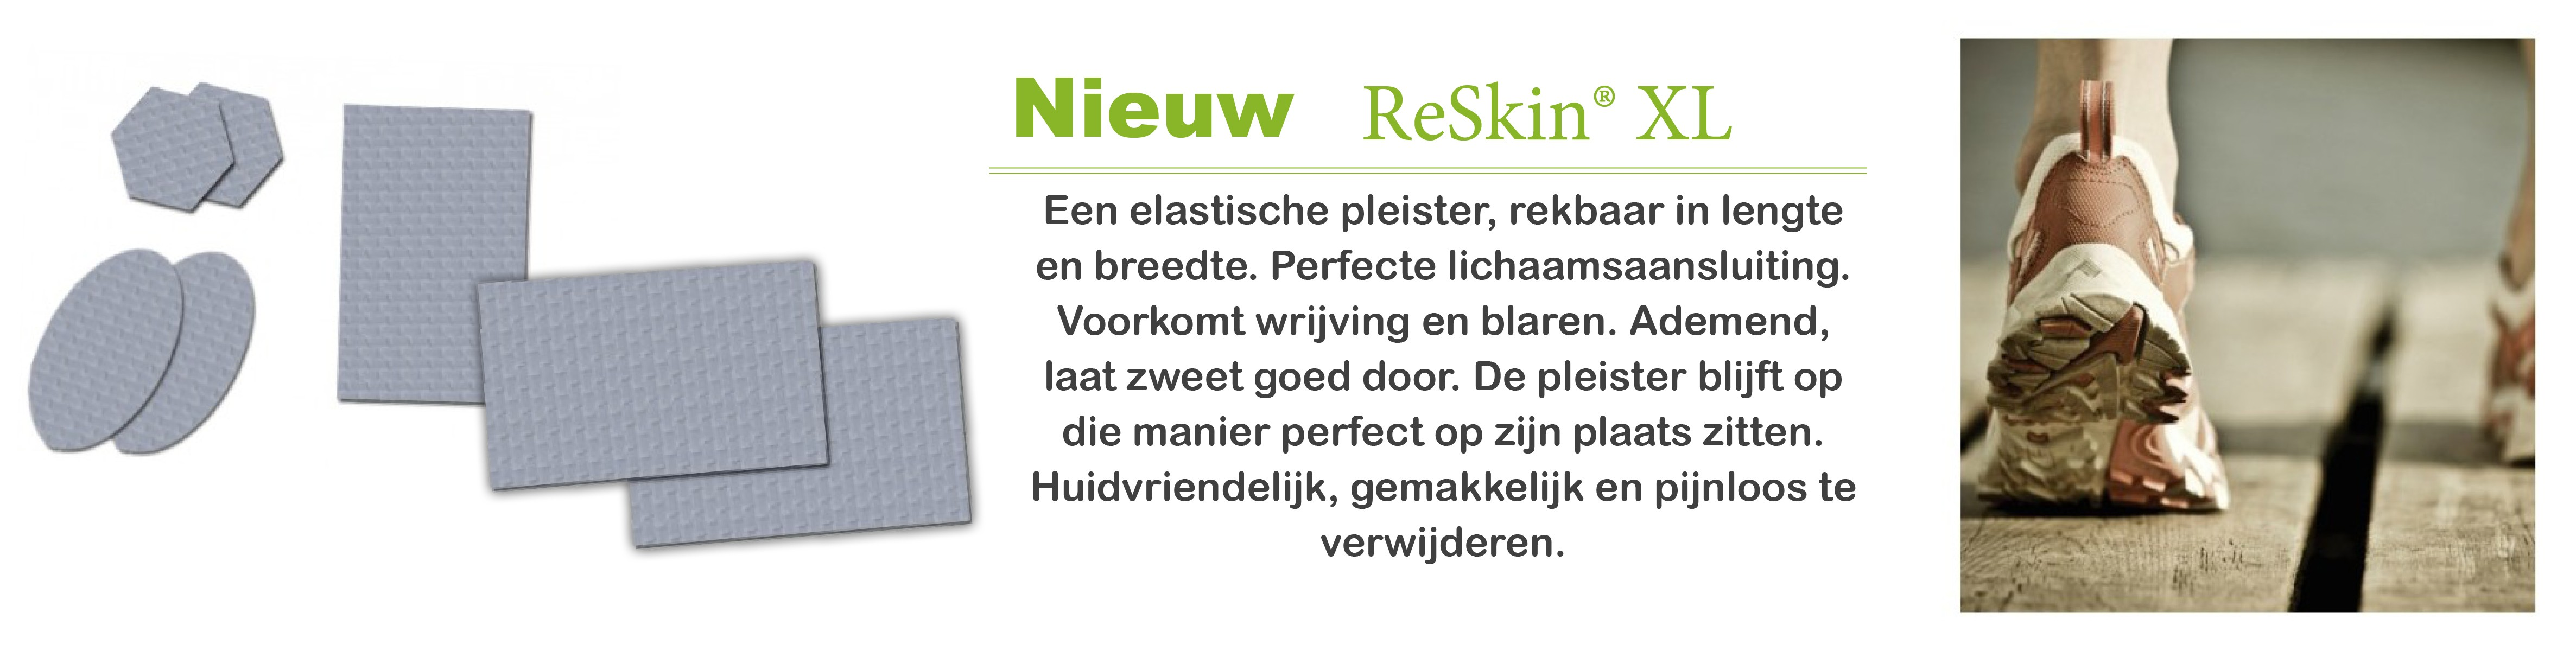 Re-Skin XL